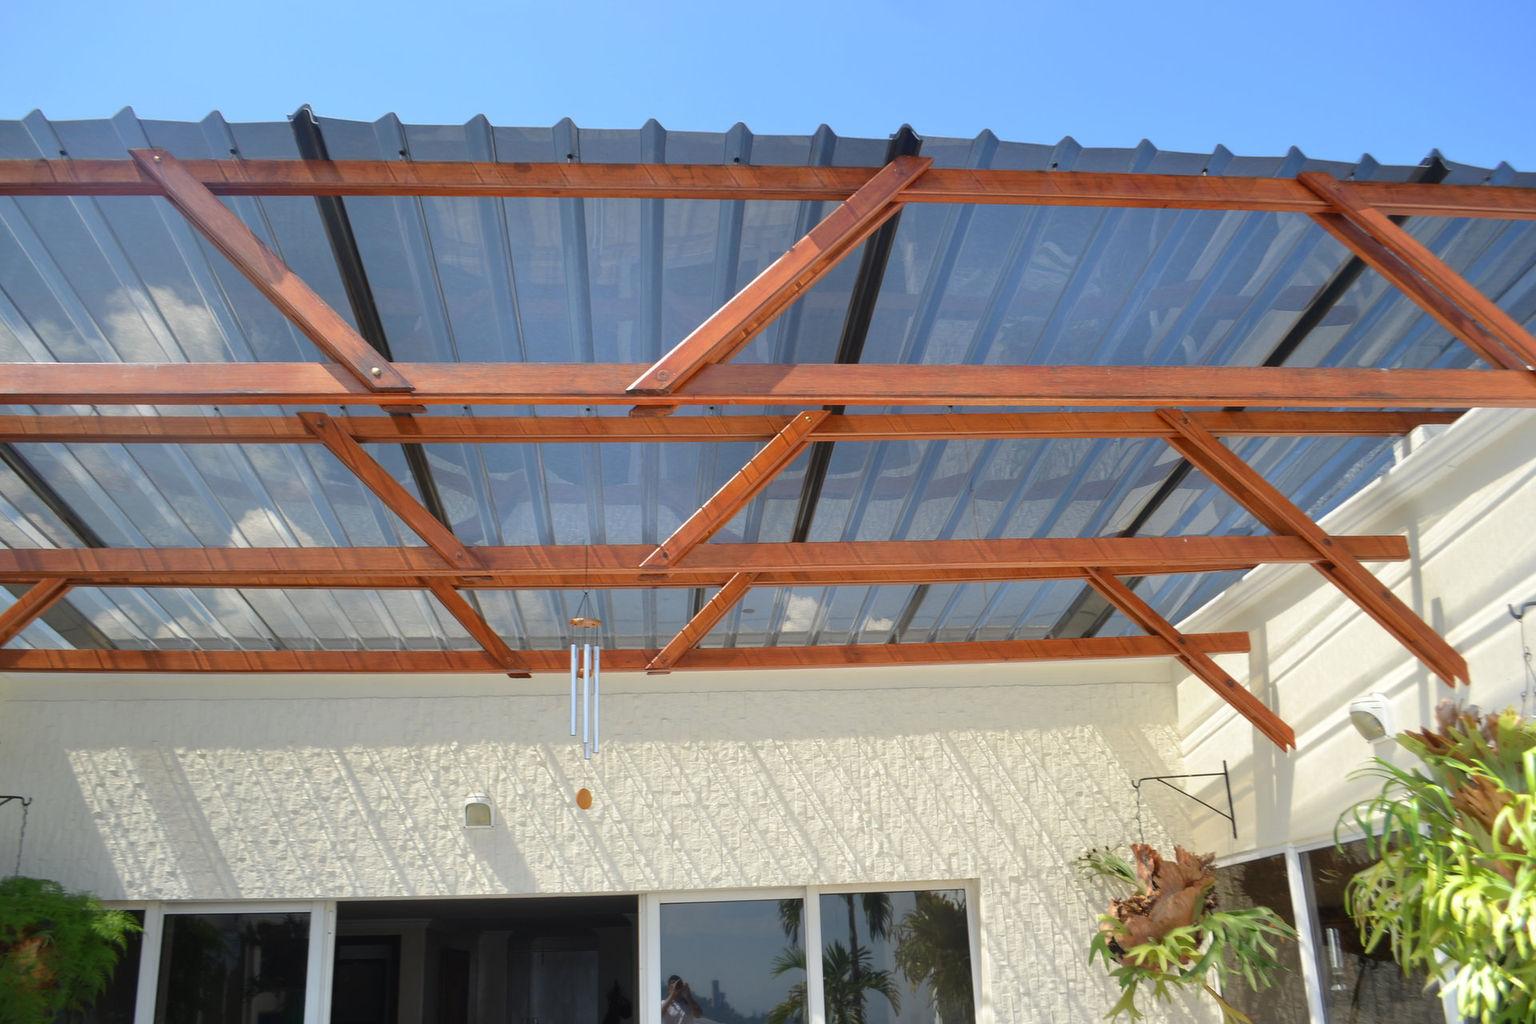 Acabados en muros con pintura acrílica para exteriores y acabado en barniz para exteriores en estructura de madera